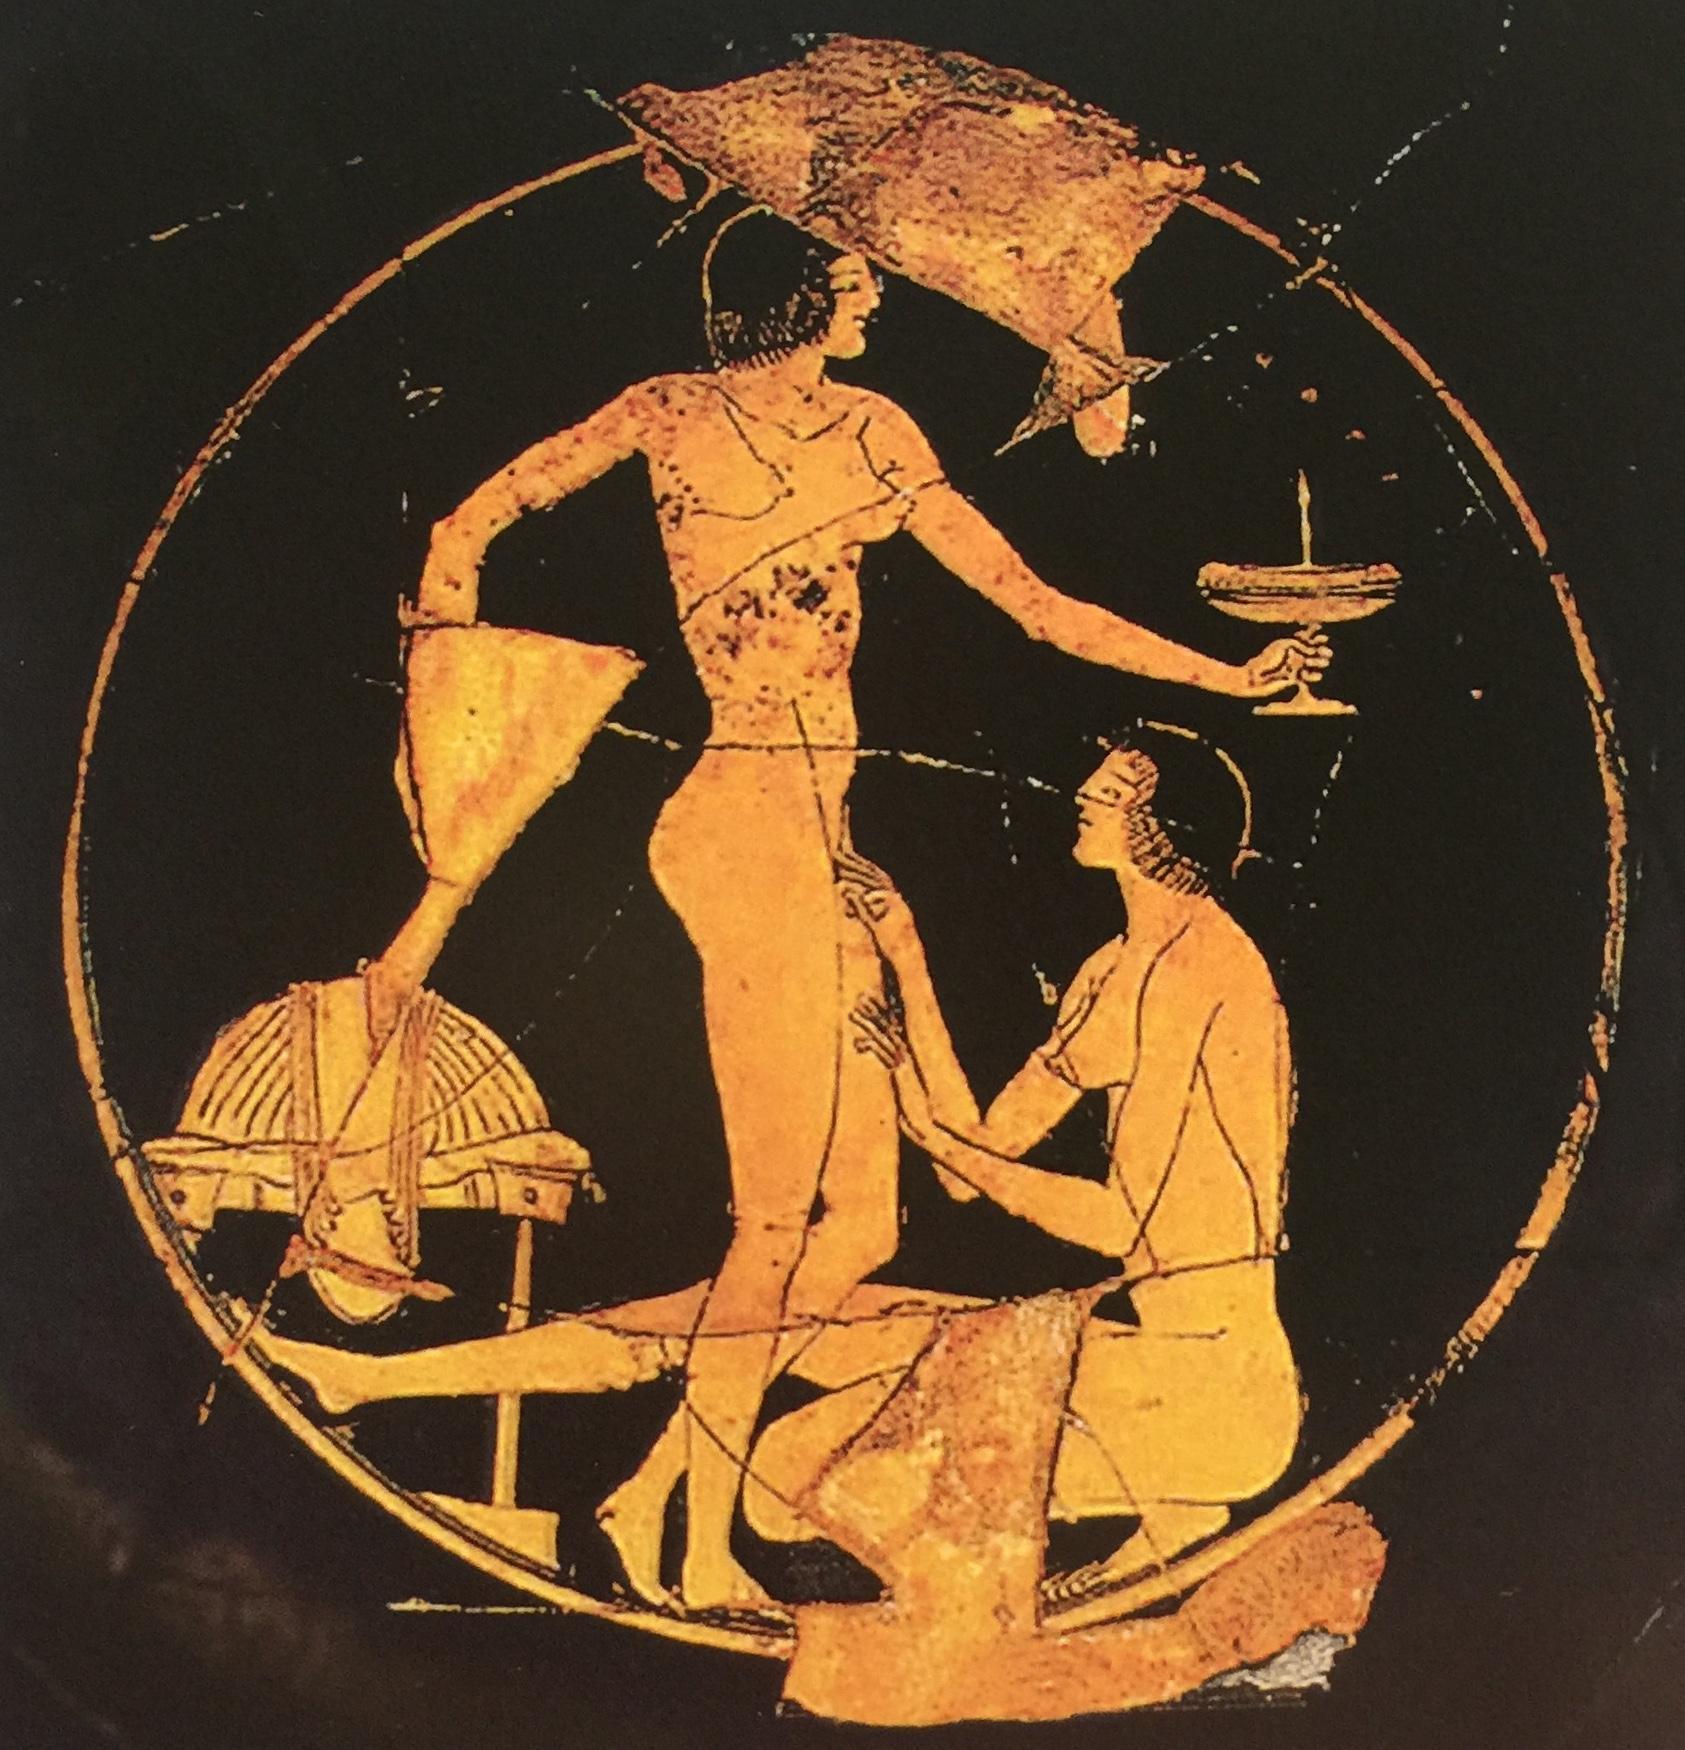 аппетитом поужинали лесби из древней греции имени крэйг